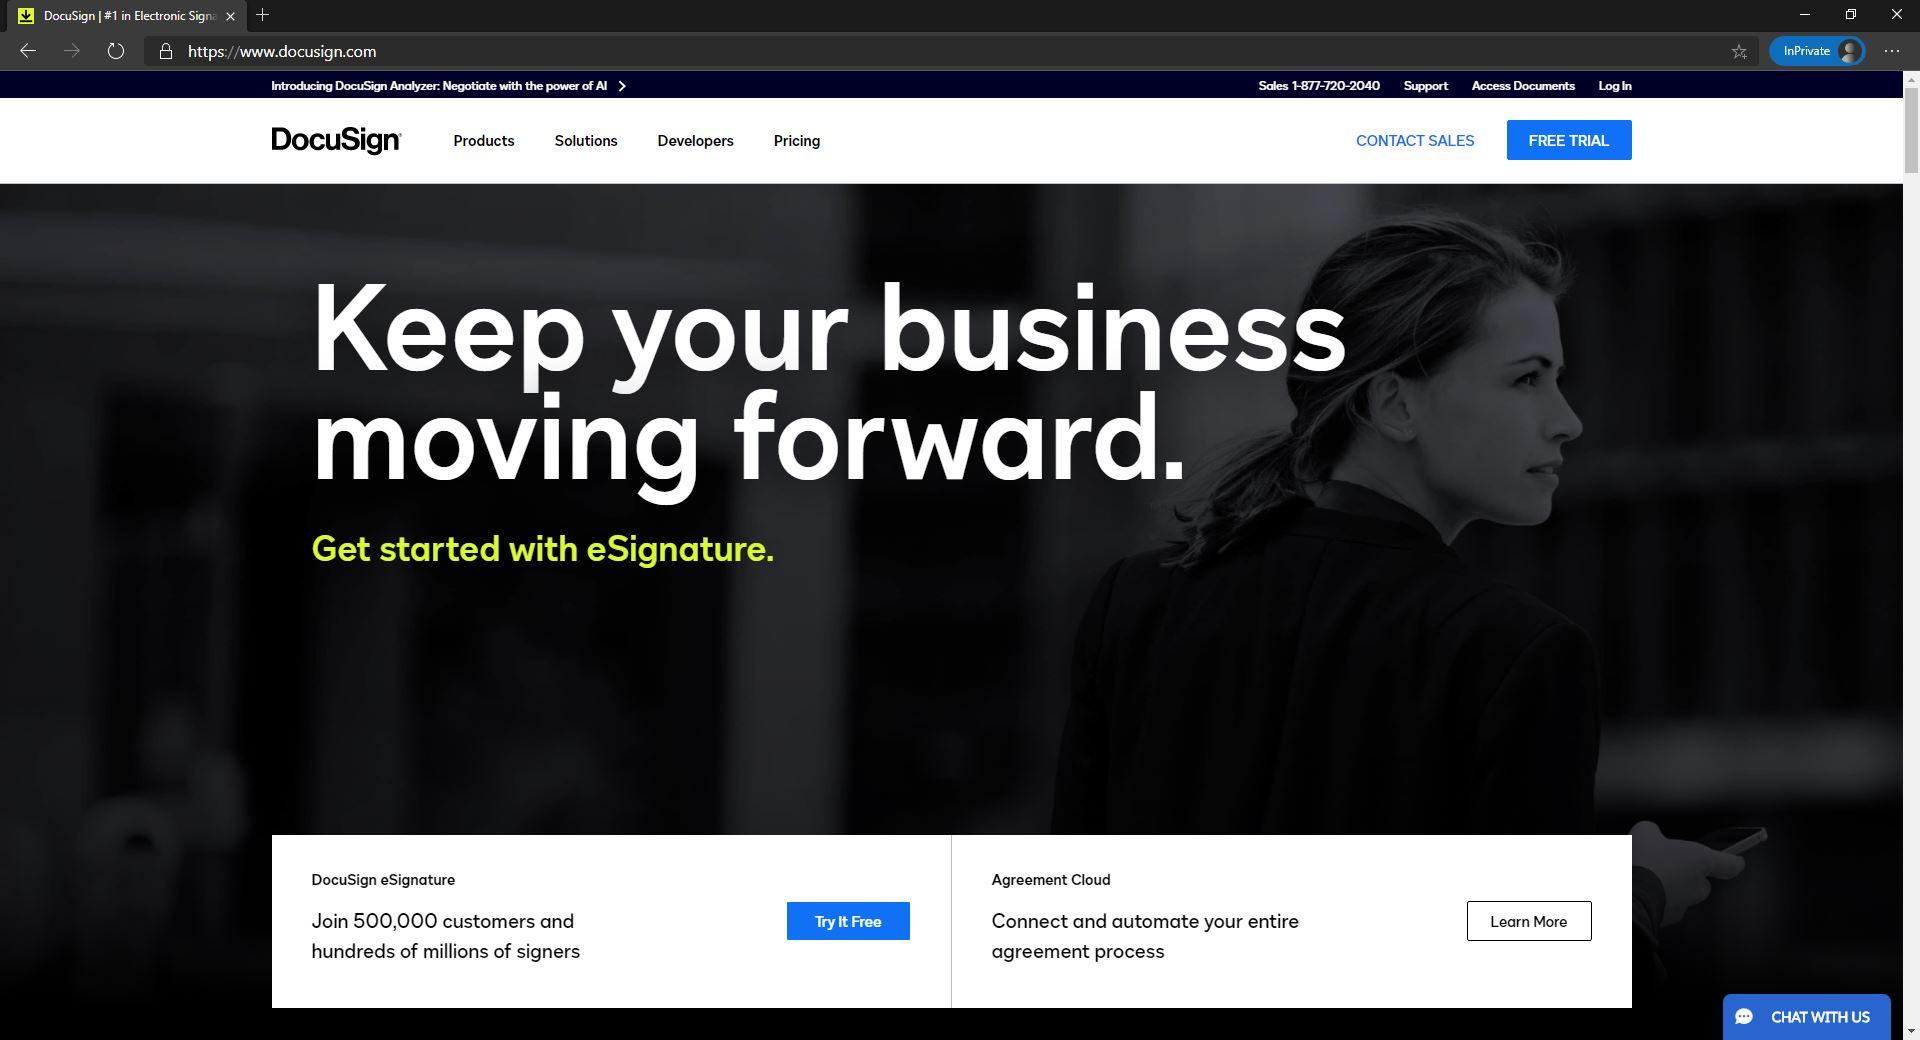 DocuSign homepage website